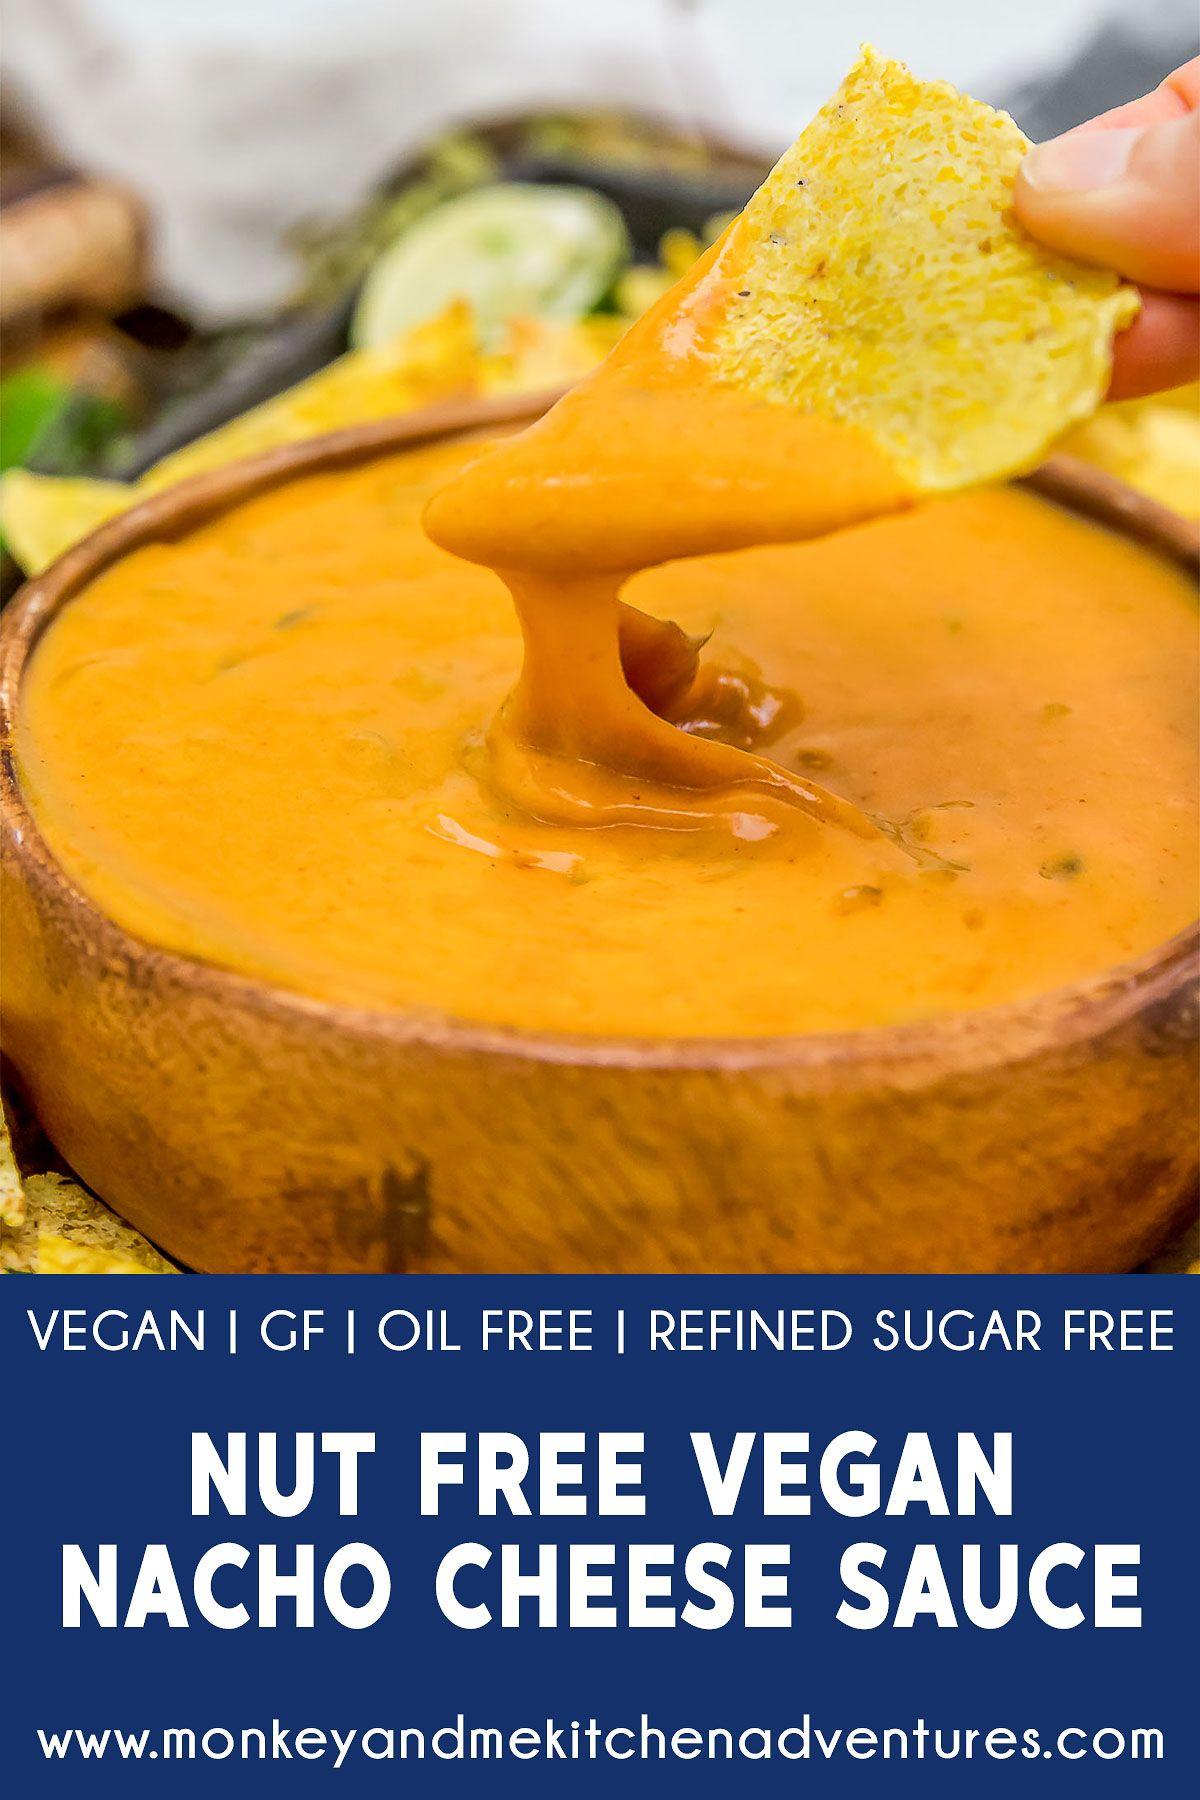 Nut Free Vegan Nacho Cheese Sauce Monkey And Me Kitchen Adventures Recipe Vegan Nachos Cheese Nacho Cheese Sauce Vegan Nachos